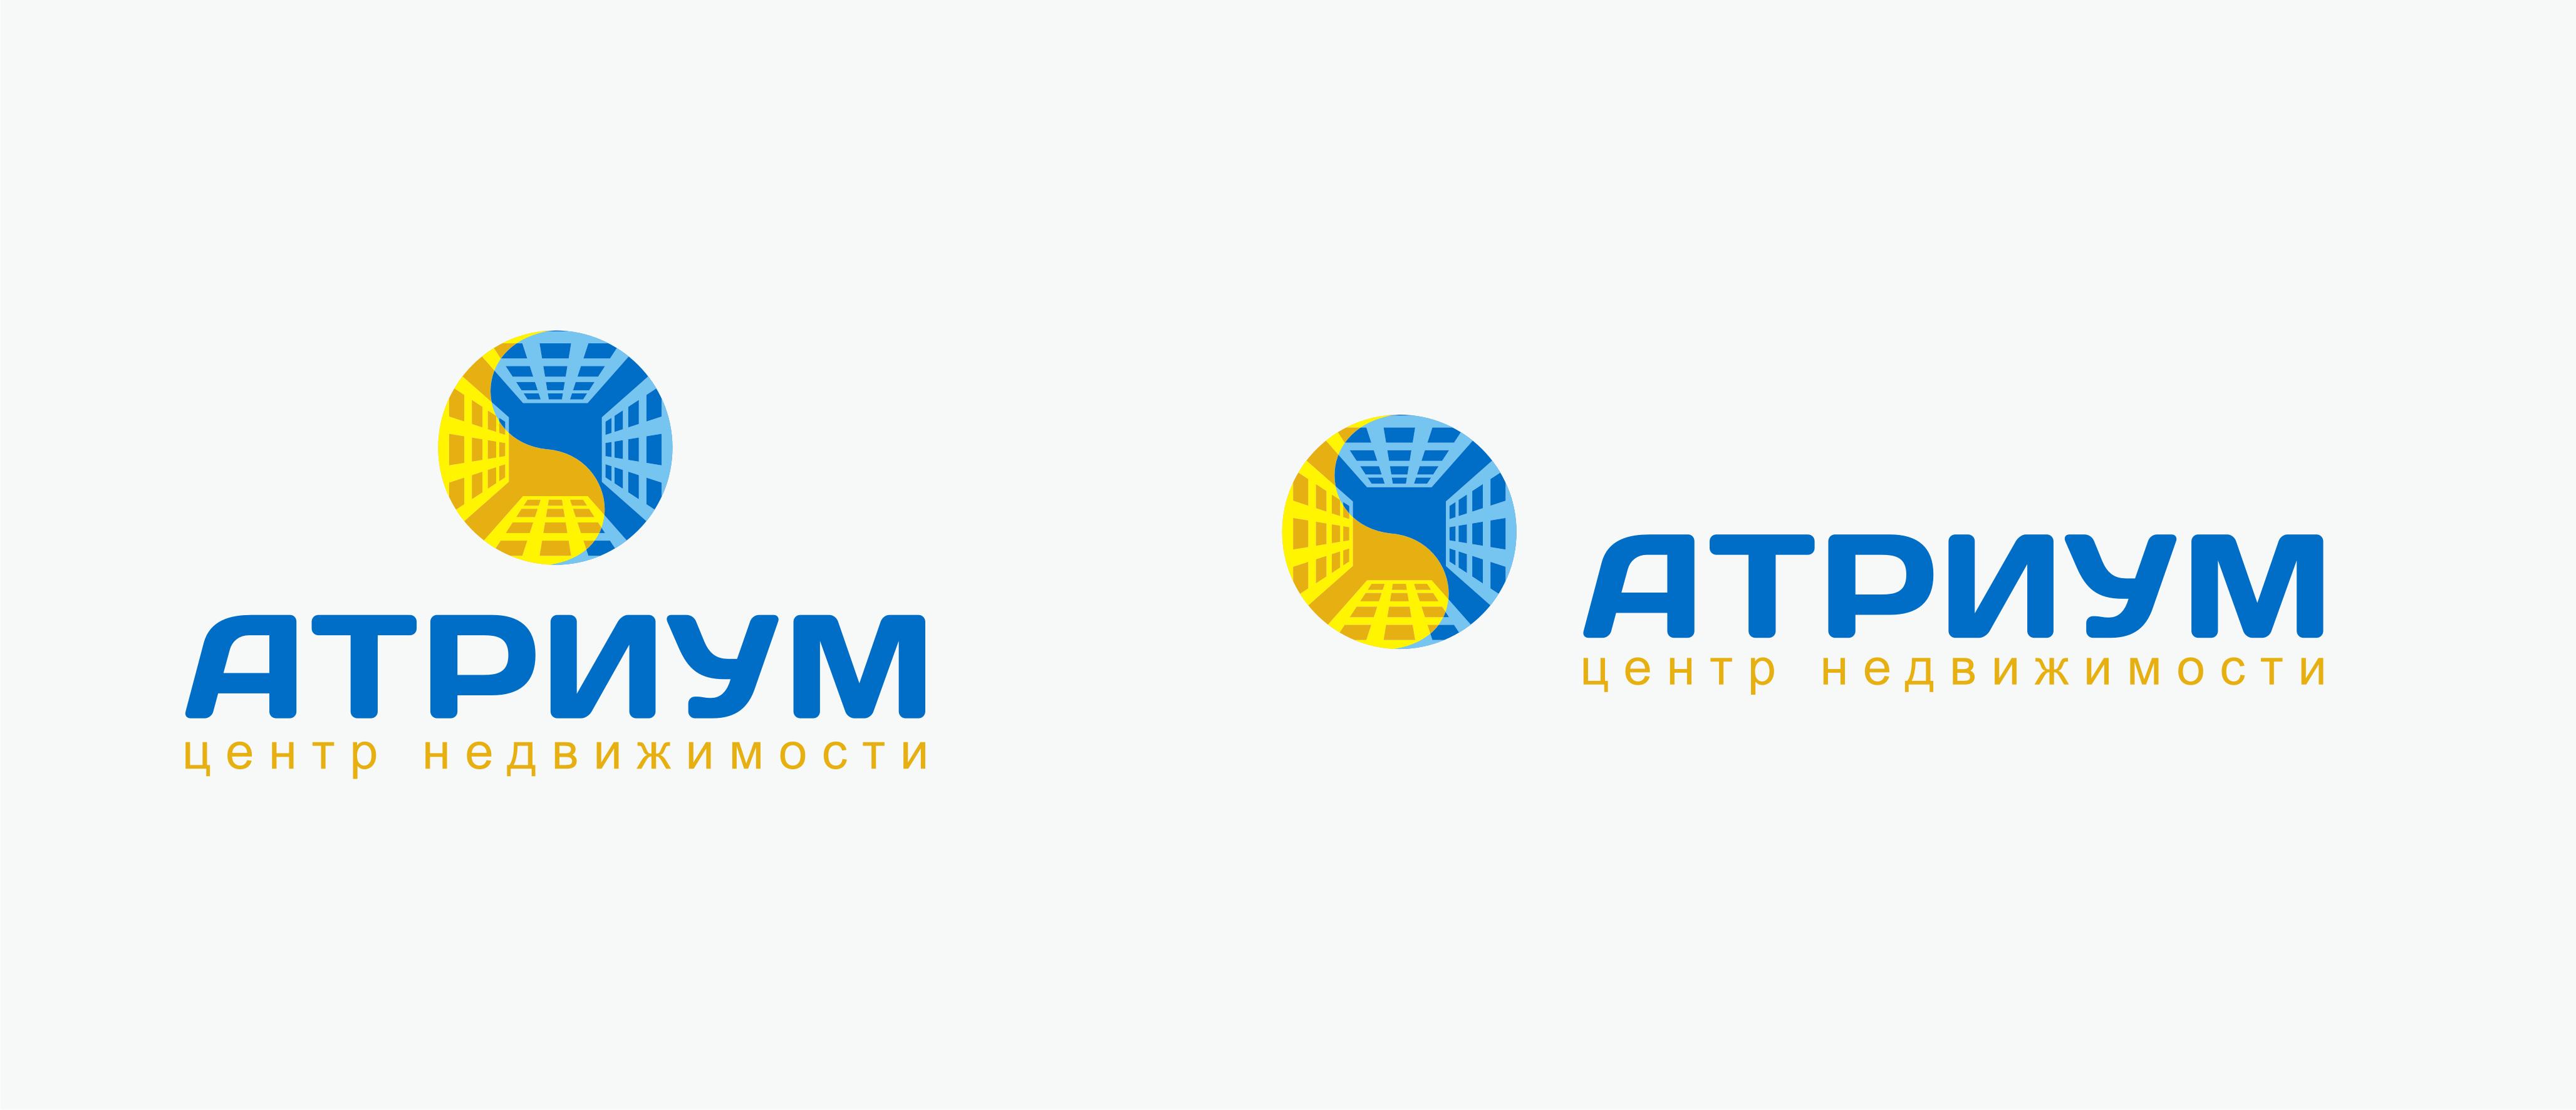 Редизайн / модернизация логотипа Центра недвижимости фото f_2285bc847760d1fc.jpg